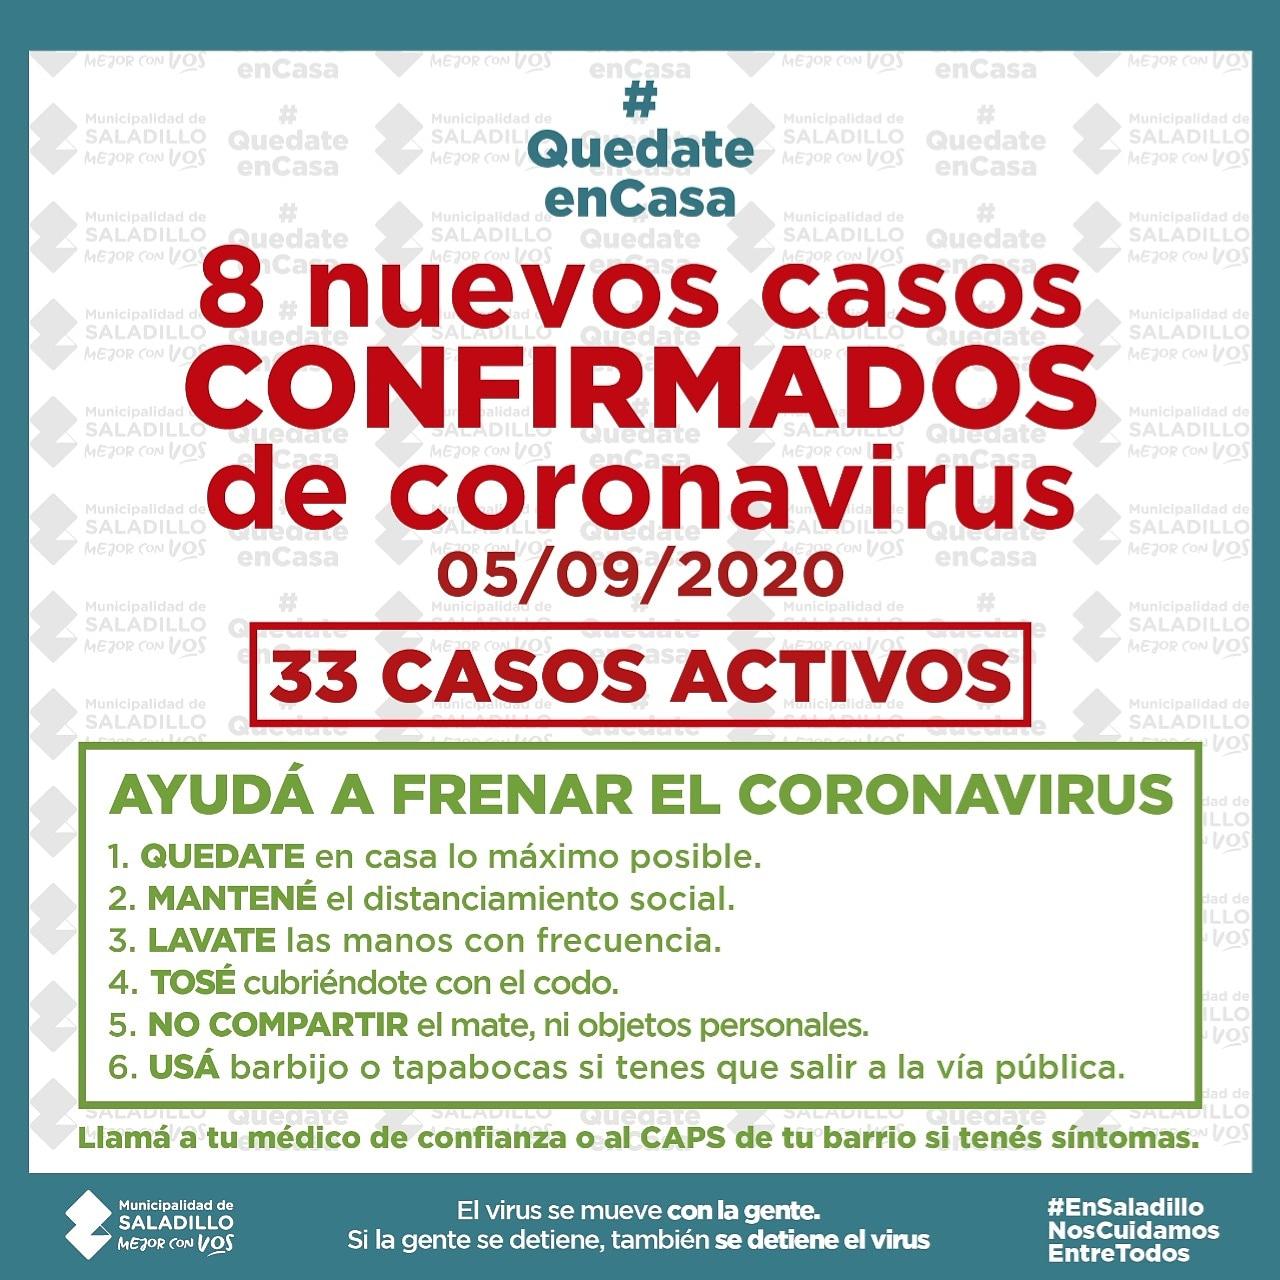 SITUACIÓN EPIDEMIOLÓGICA EN SALADILLO, ARGENTINA Y EL MUNDO al 04/09/2020